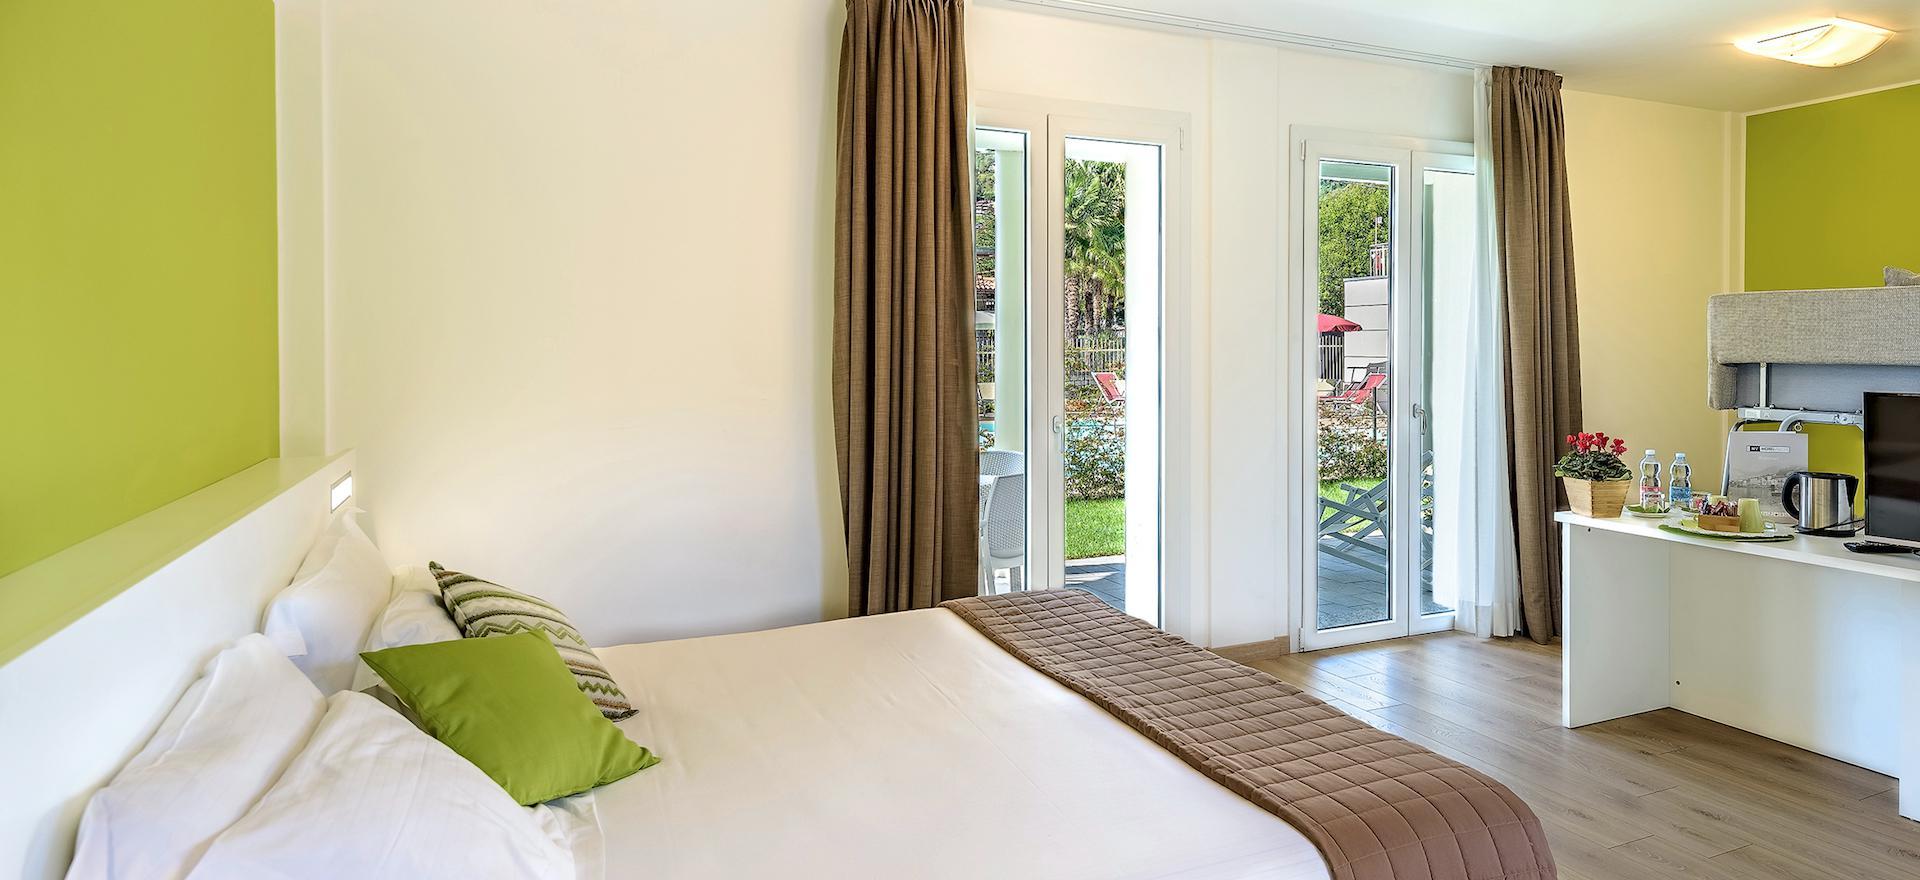 Agriturismo Comomeer en Gardameer Hotel nabij de kiezelstranden van het Comomeer